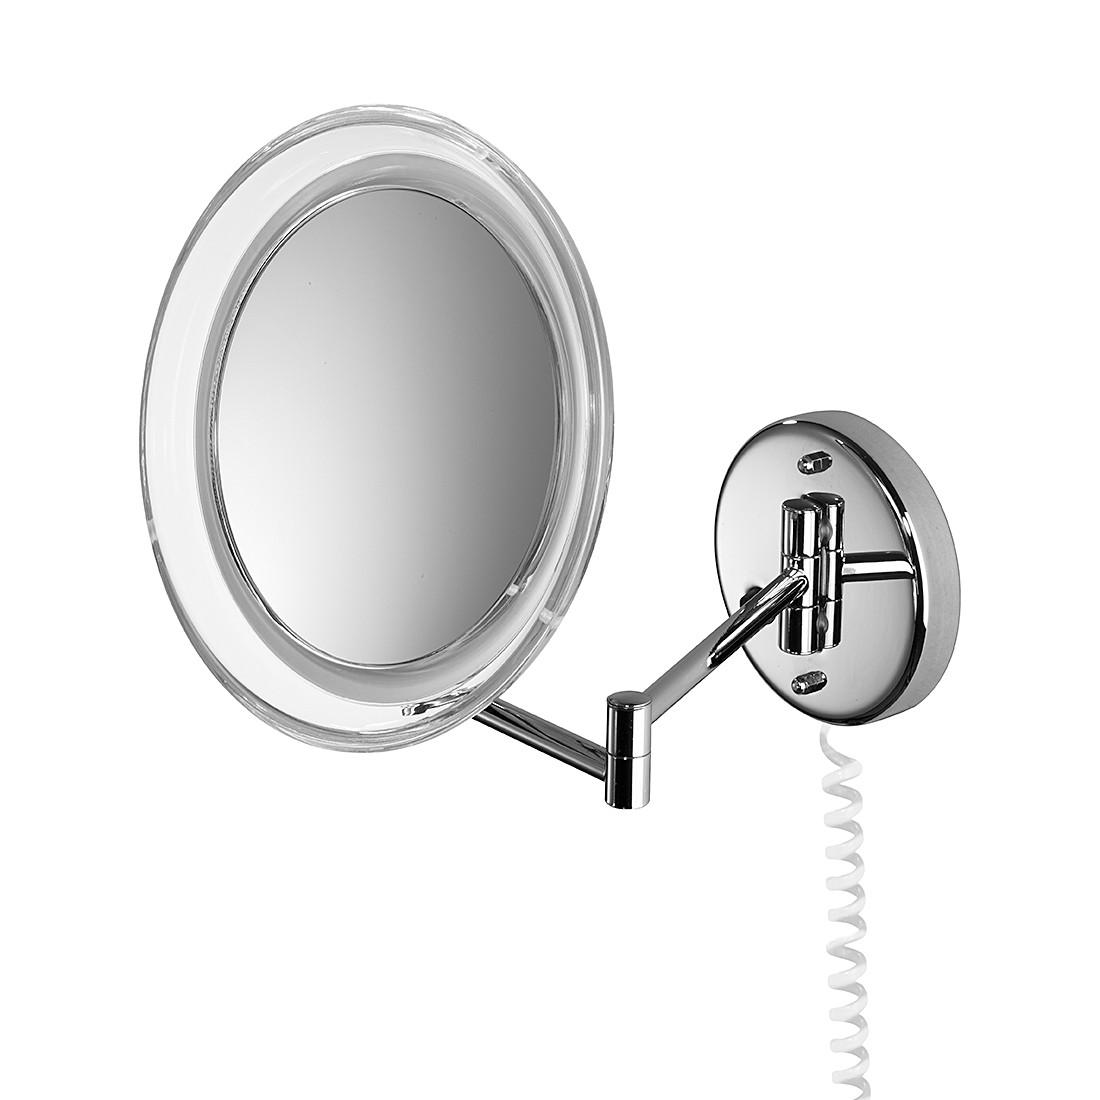 Miroir mural Marie - Chrome Avec grossissement x 5, Nicol Wohnausstattungen